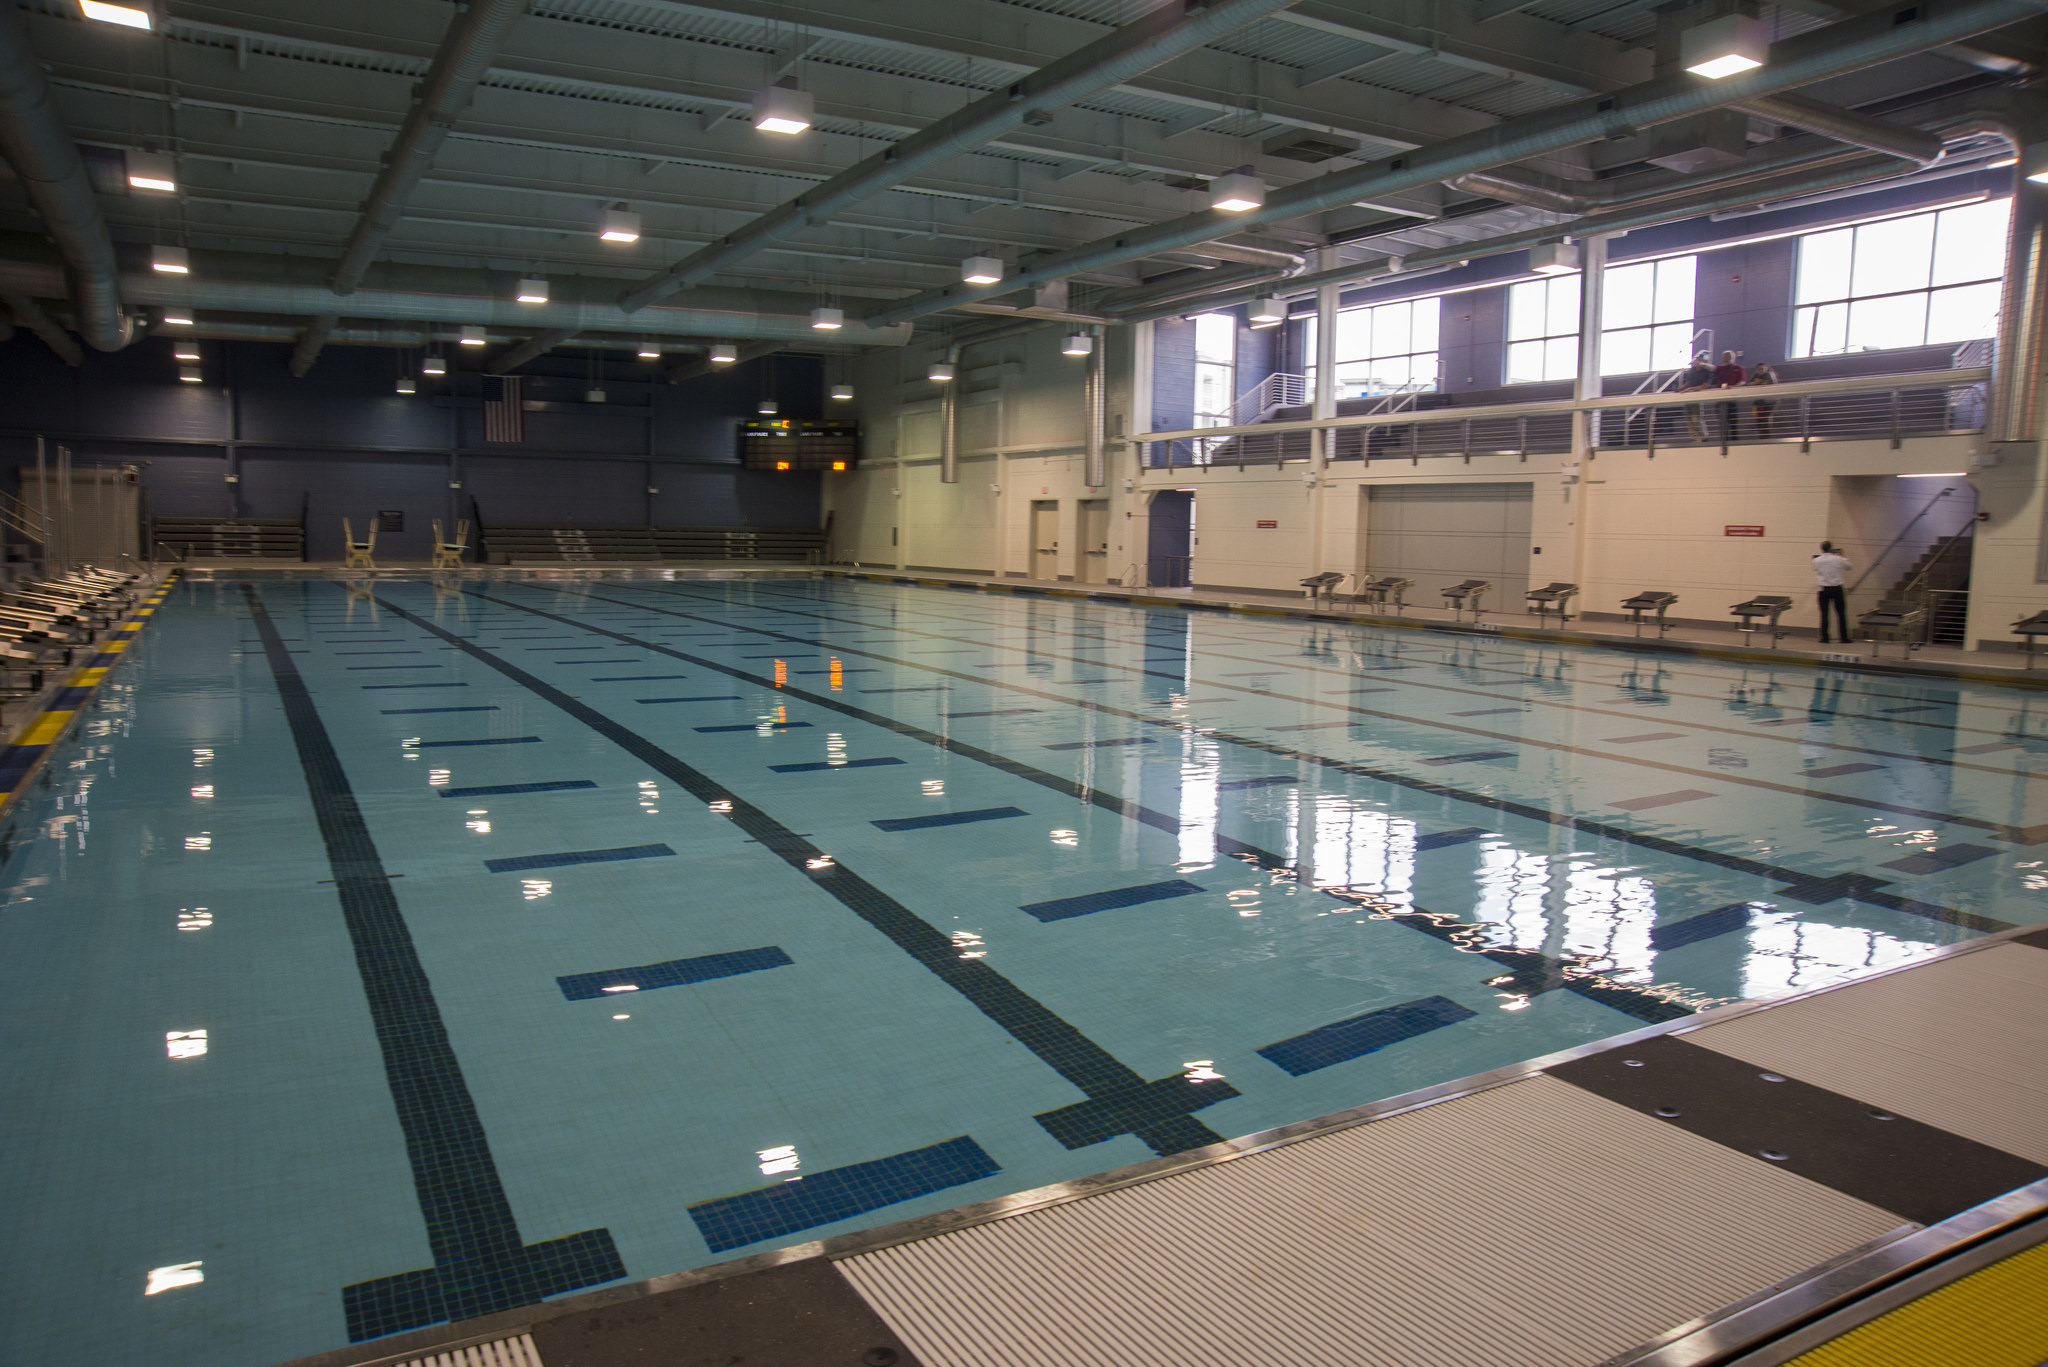 Mecklenburg County Aquatic Center